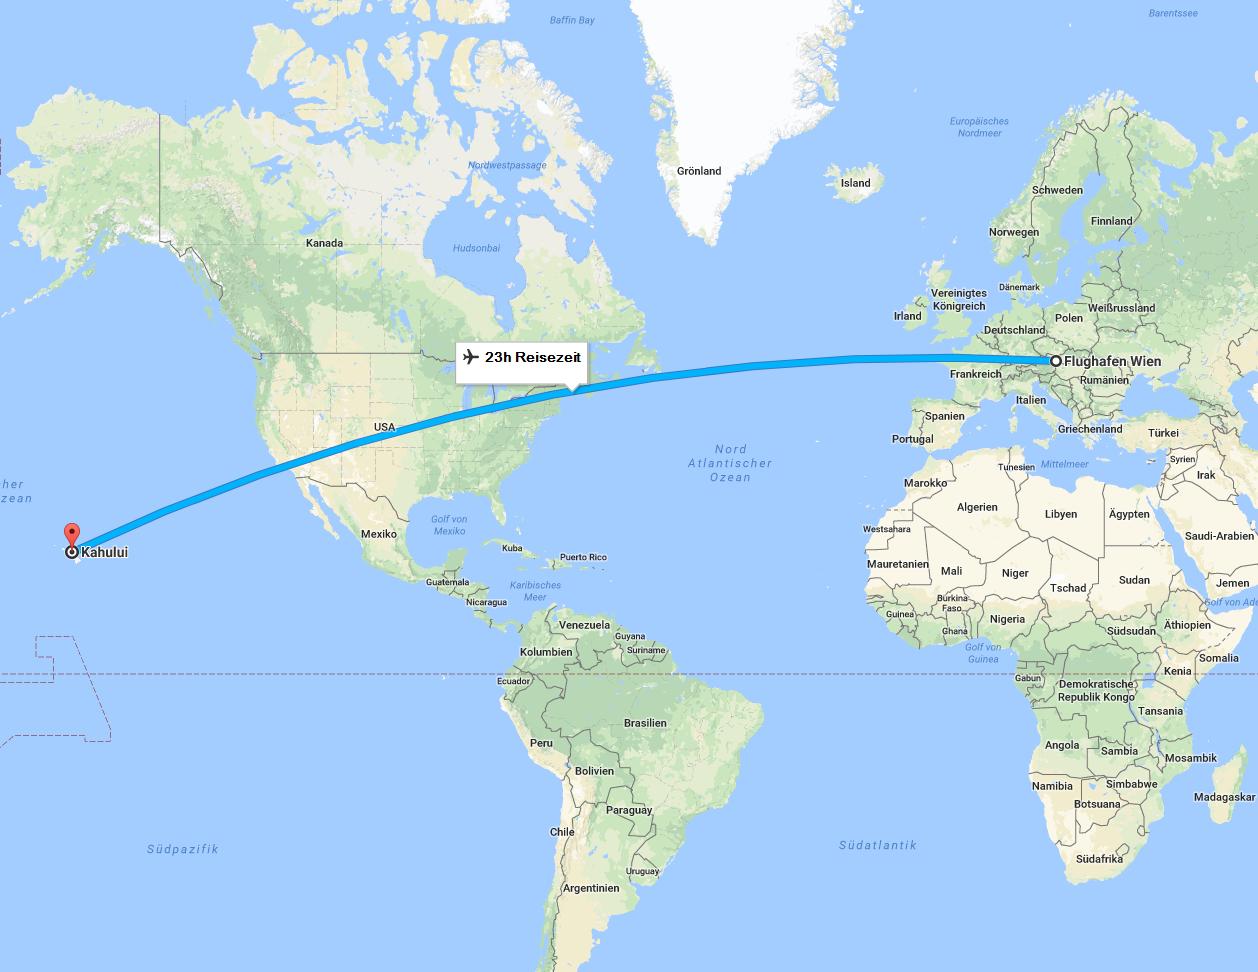 2017-10-17 10_28_35-Flughafen Wien nach Kahului, Hawaii, USA ...